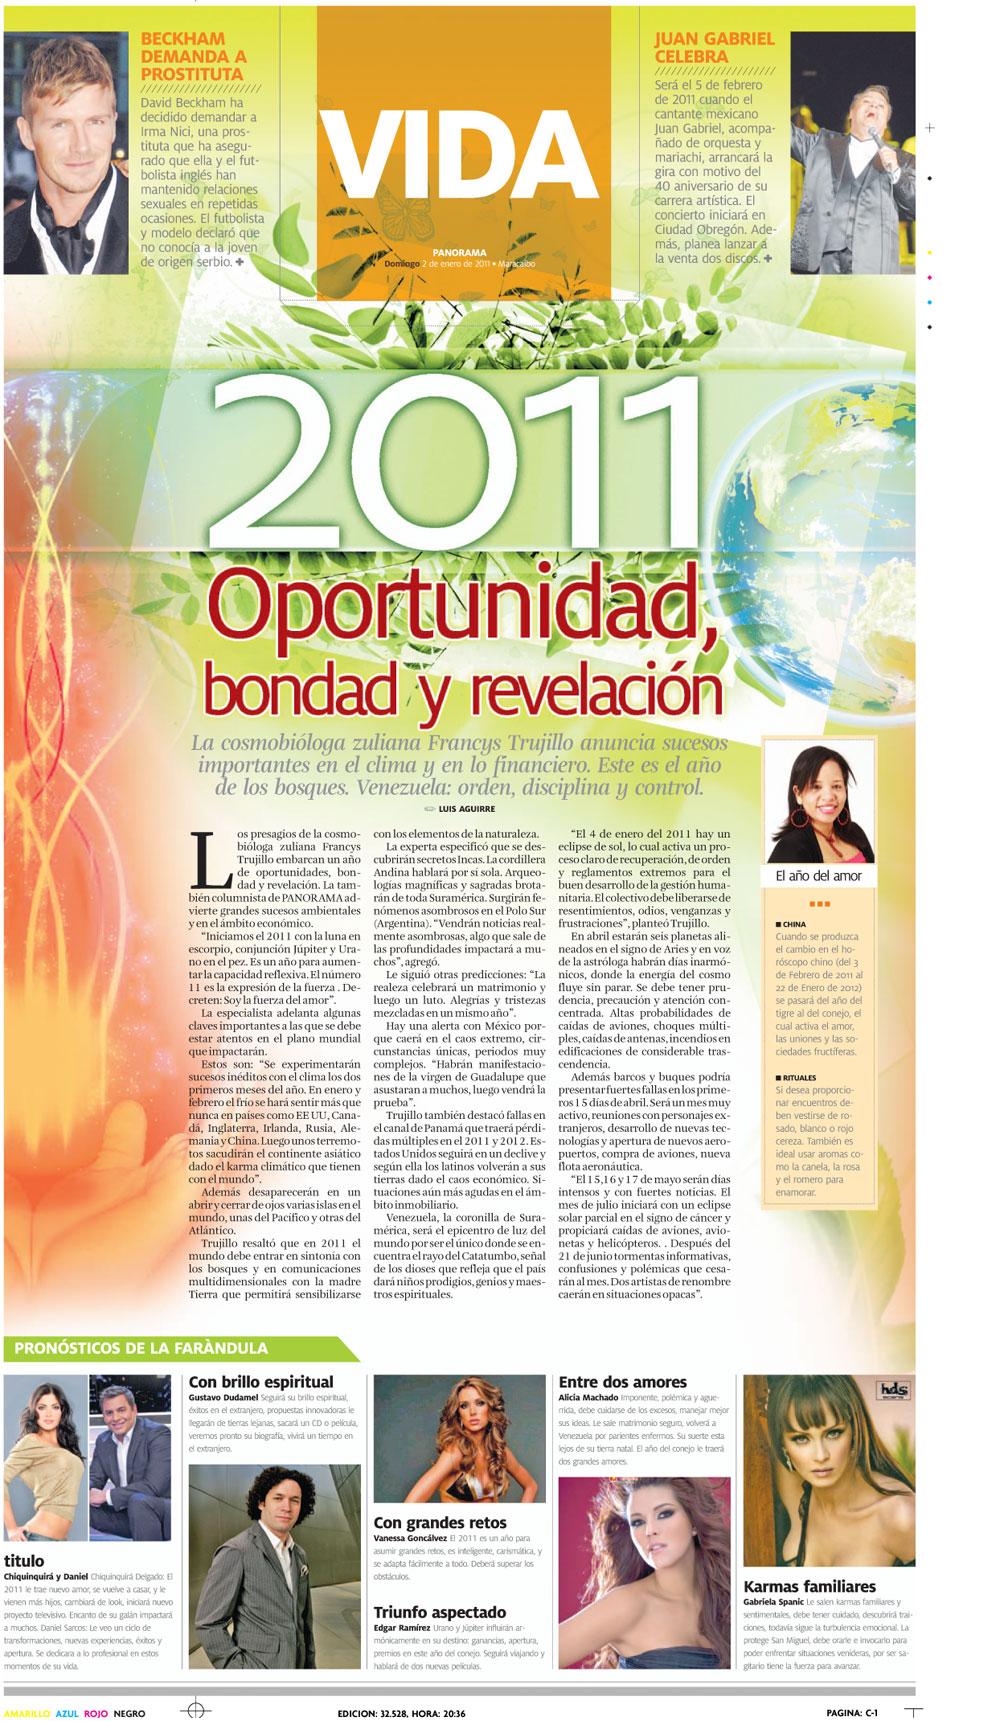 Las predicciones de Francis Trujillo para Venezuela en el 2011